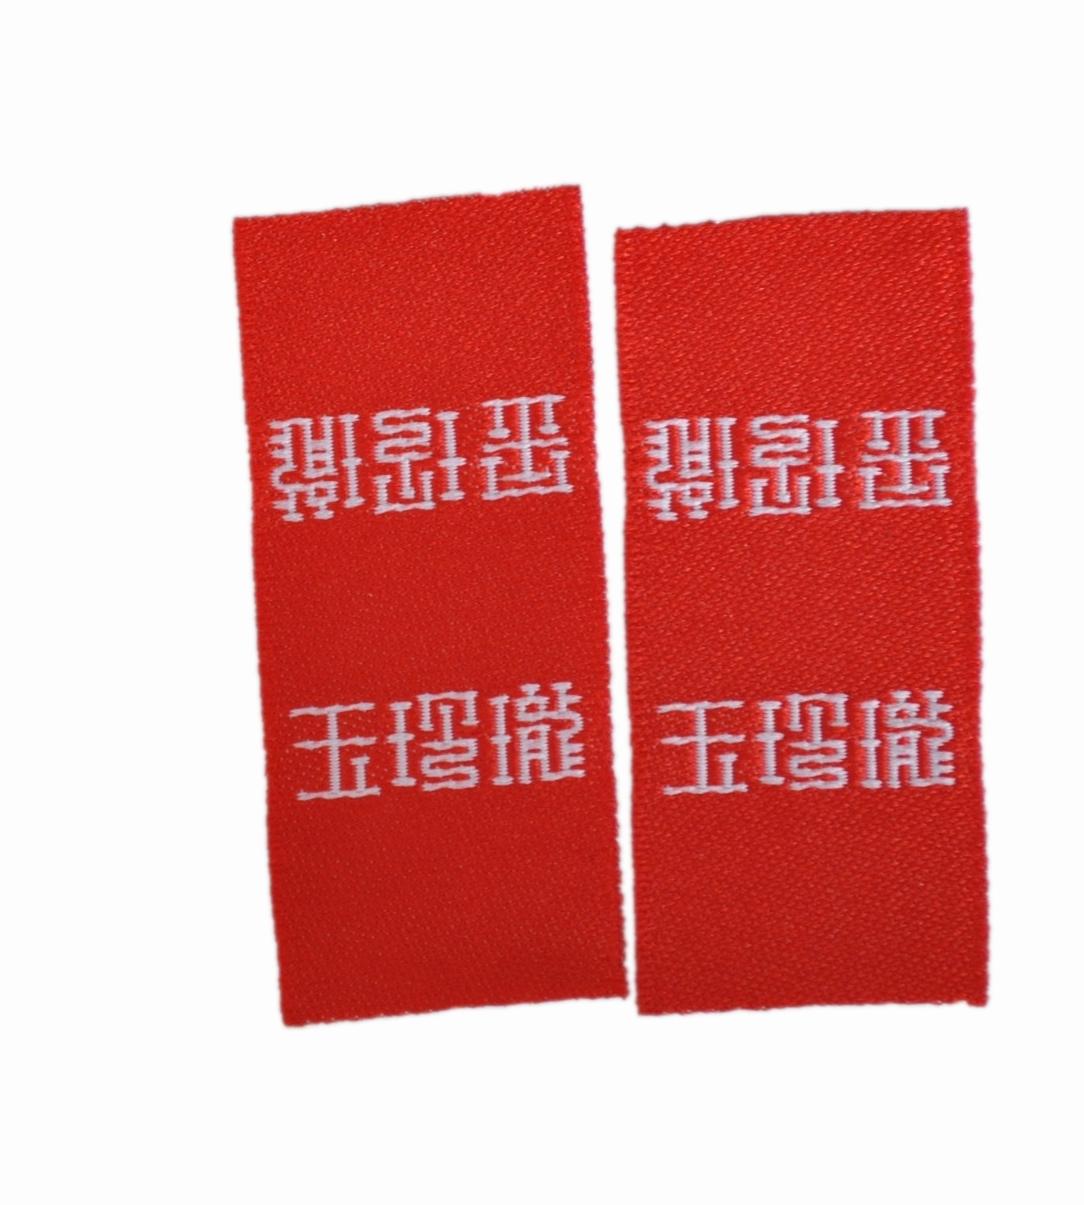 杭州地区供应优质的秋蝶普通烧边机服装织唛